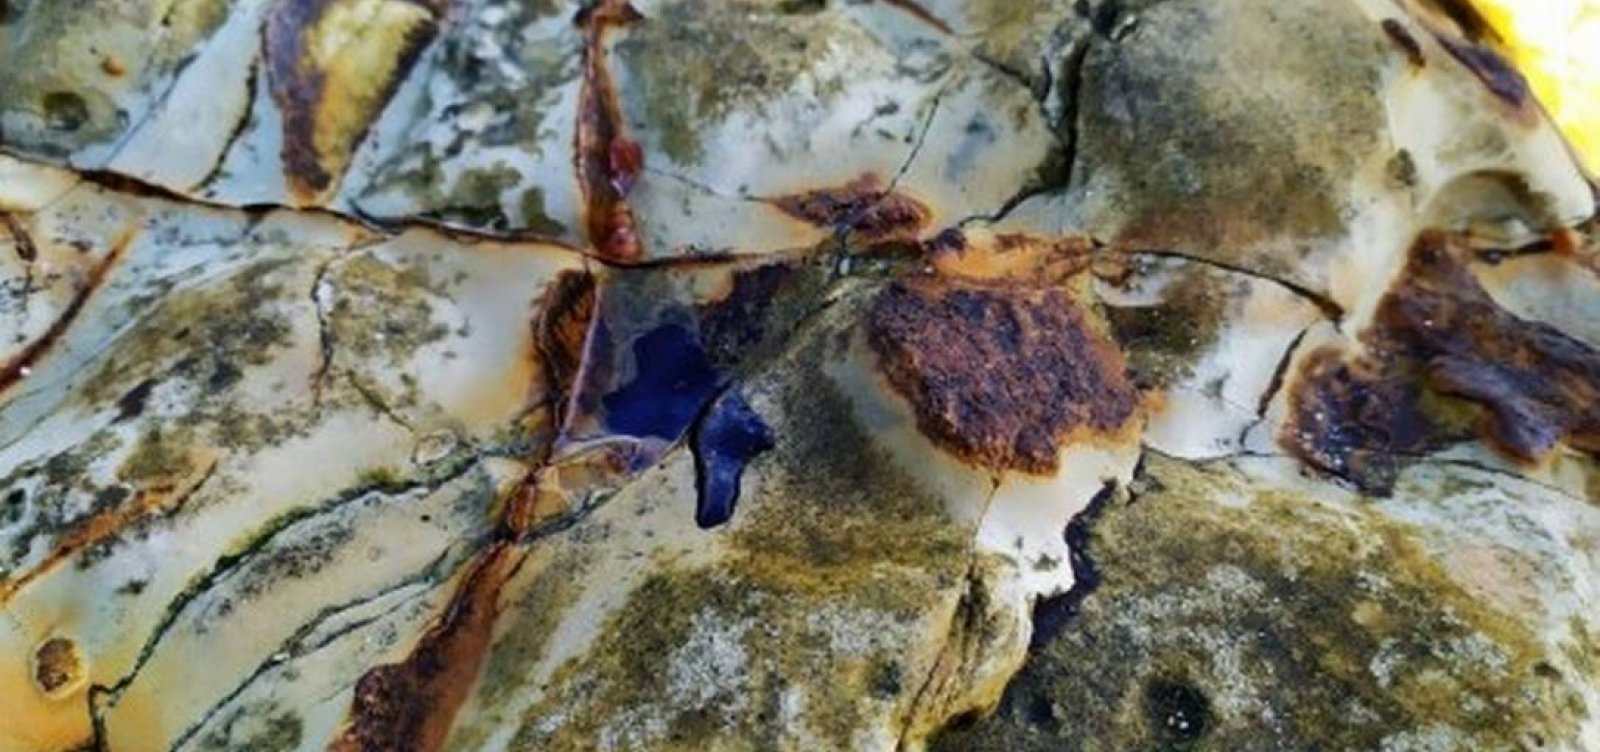 Redes de pesca apreendidas são usadas para conter óleo em Abrolhos